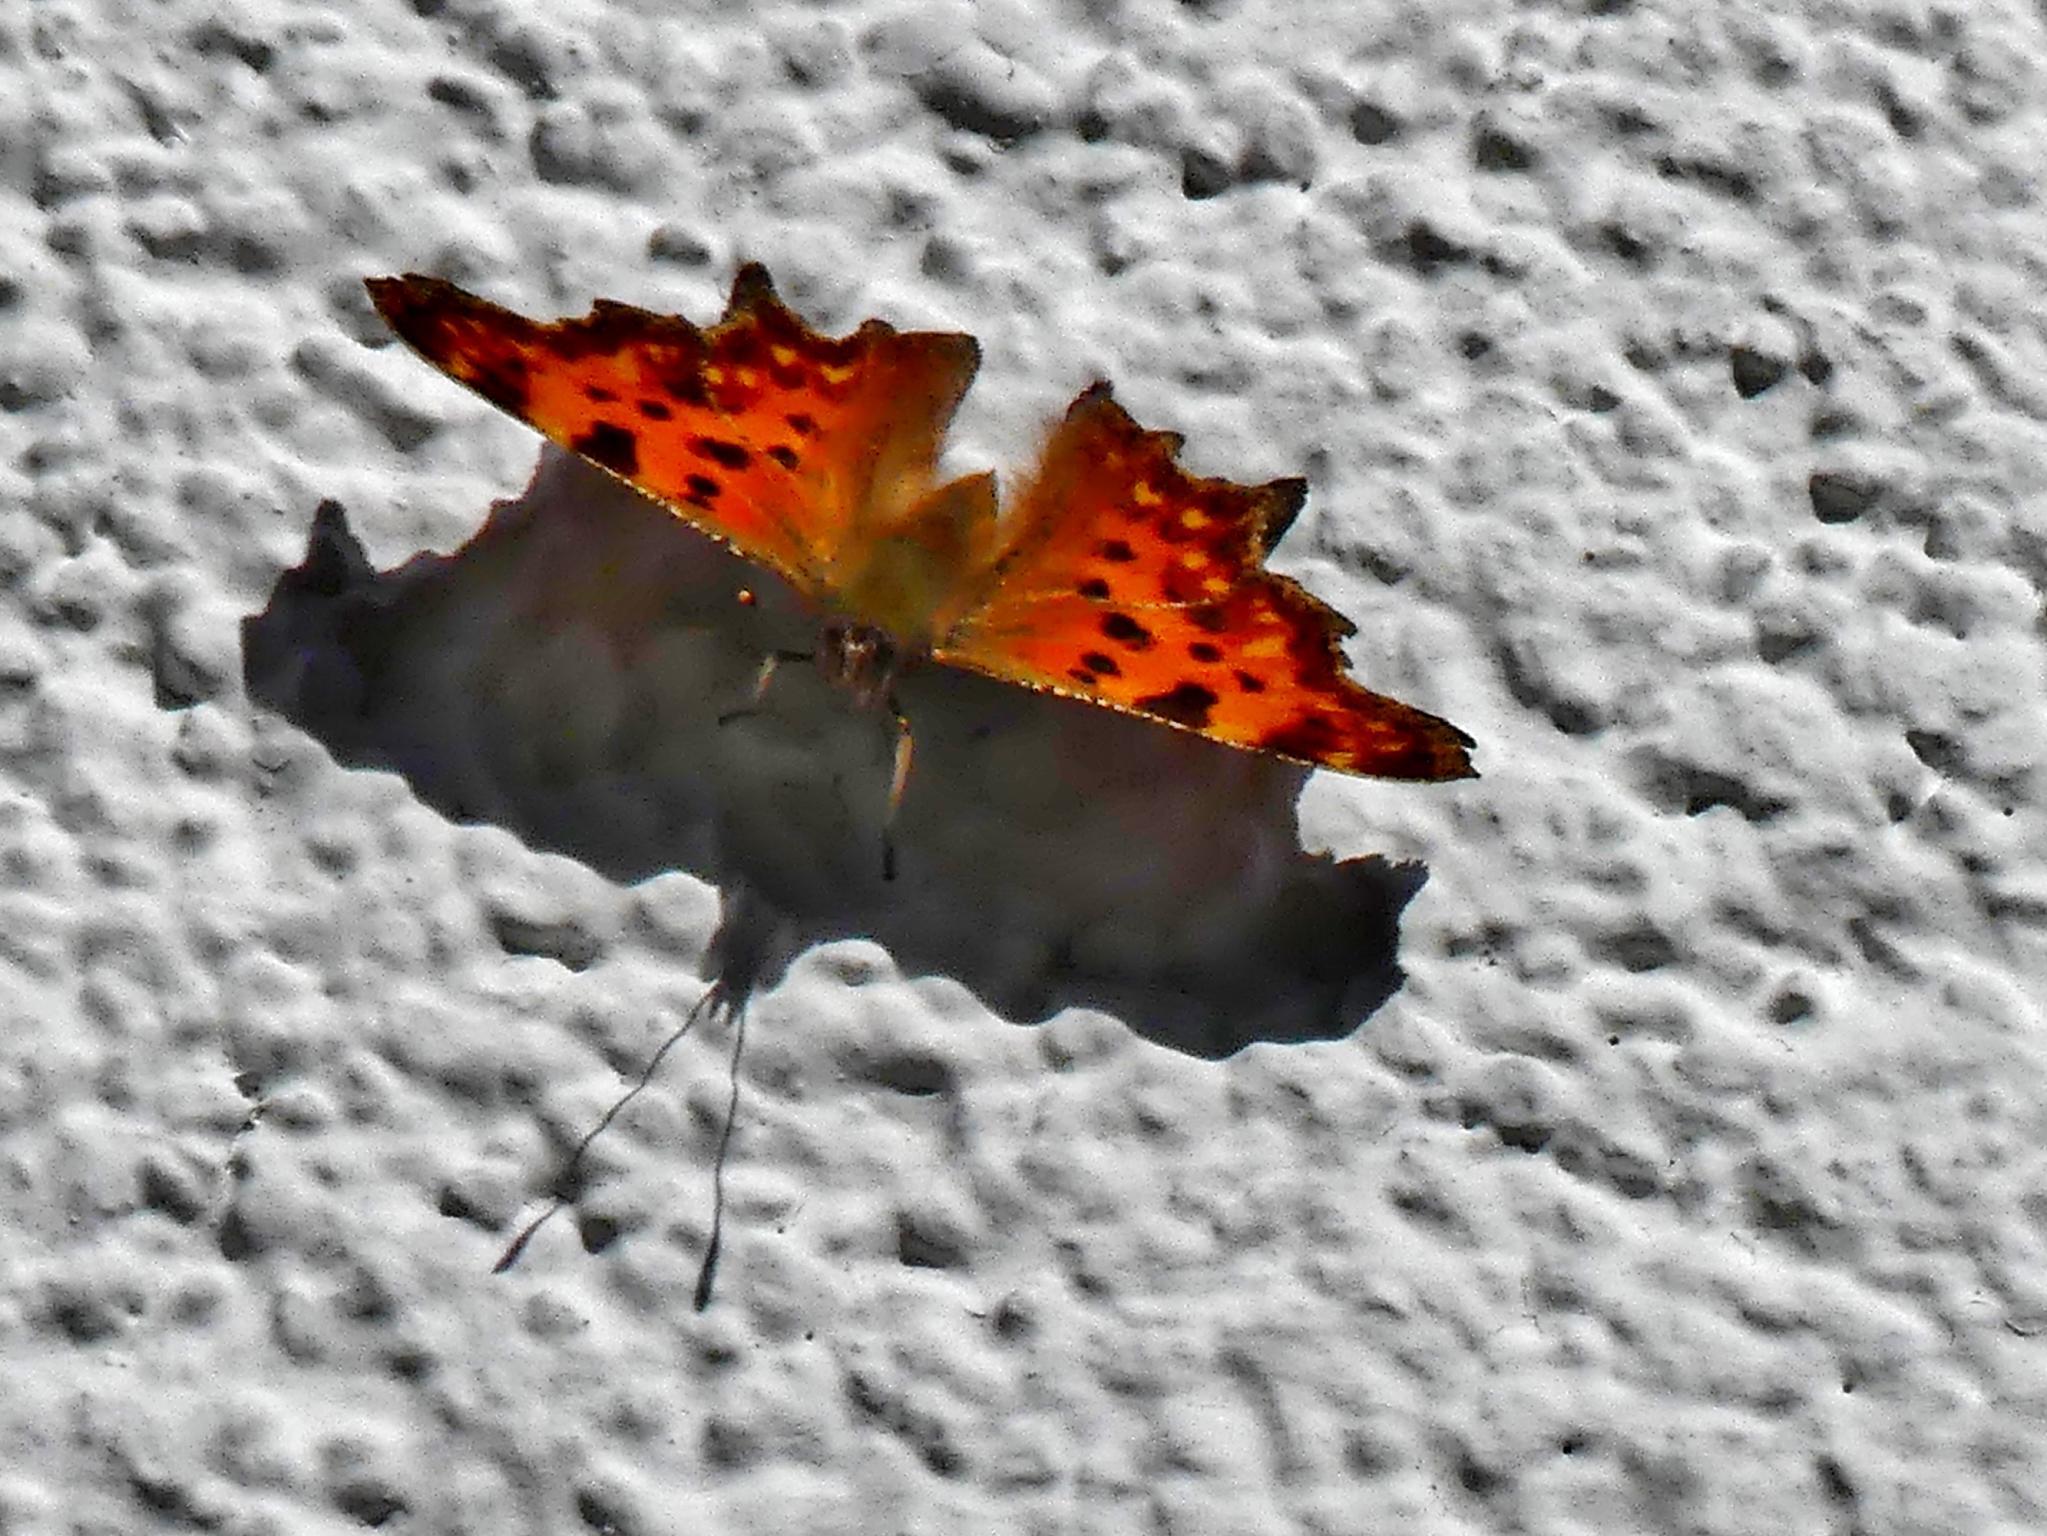 デスクトップ壁紙 カラフル 自然 赤 写真 バタフライ